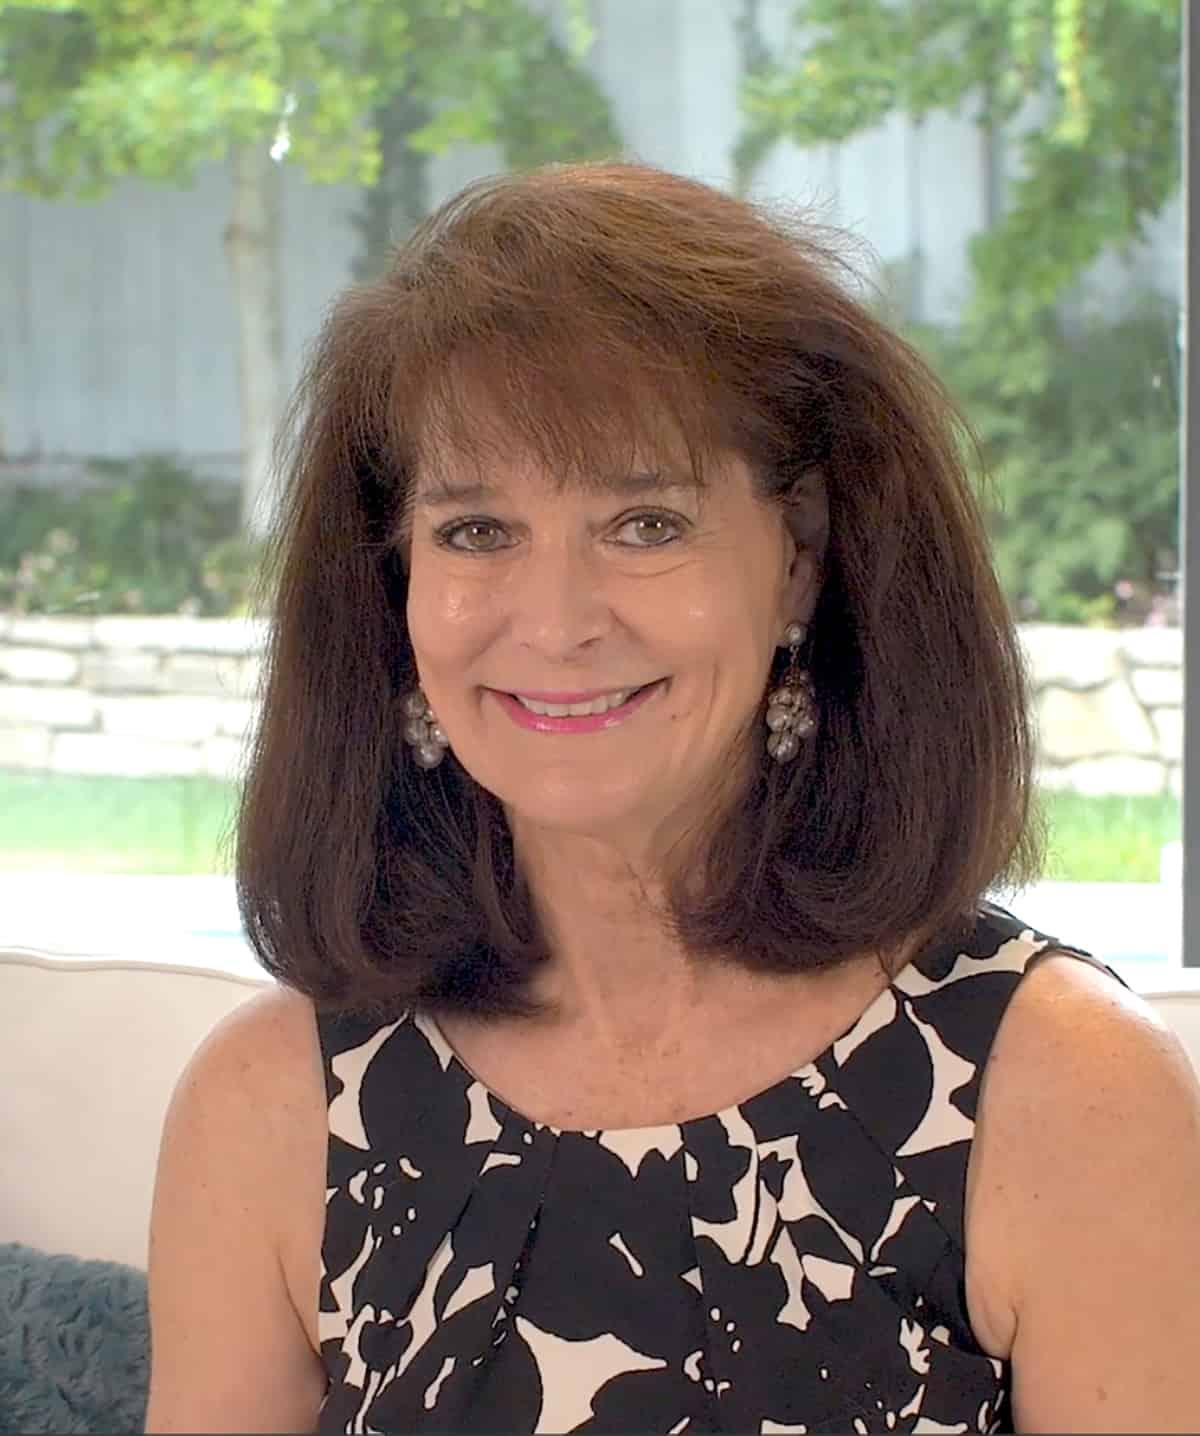 Sharon Ballew